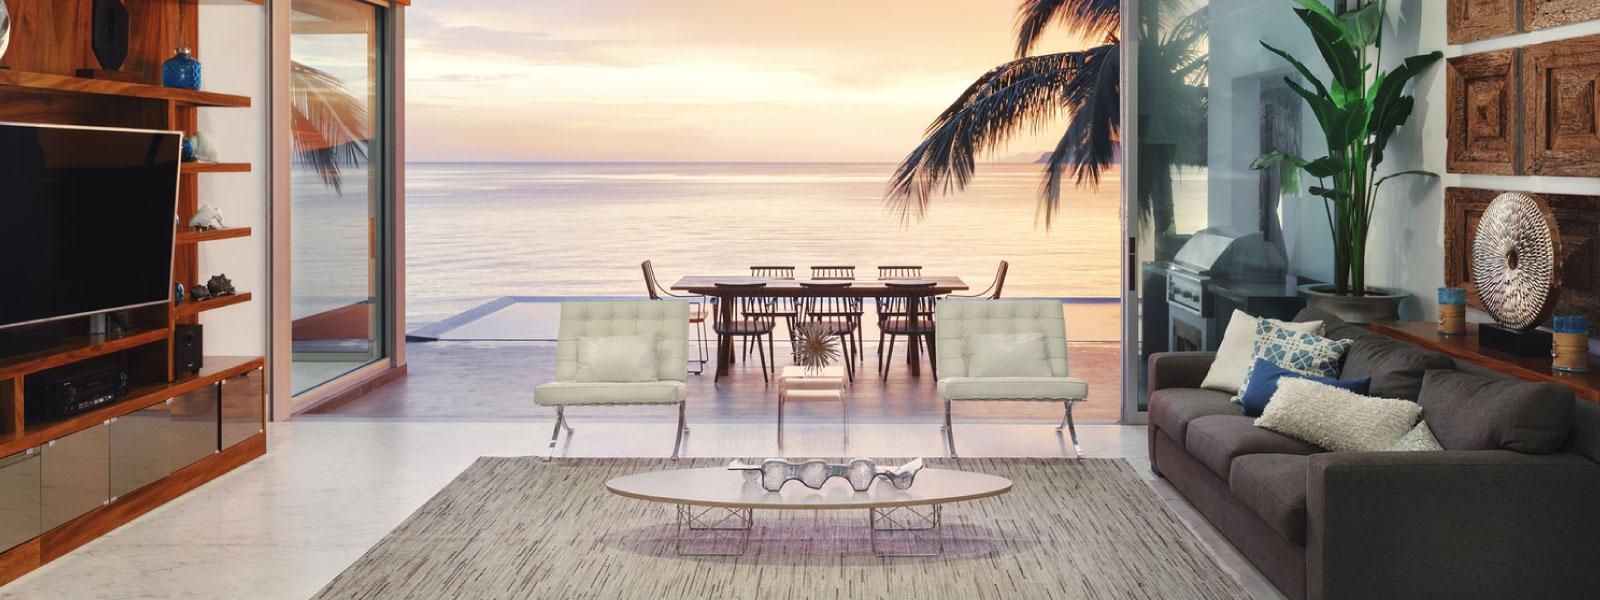 Como escolher móveis para sua casa de praia